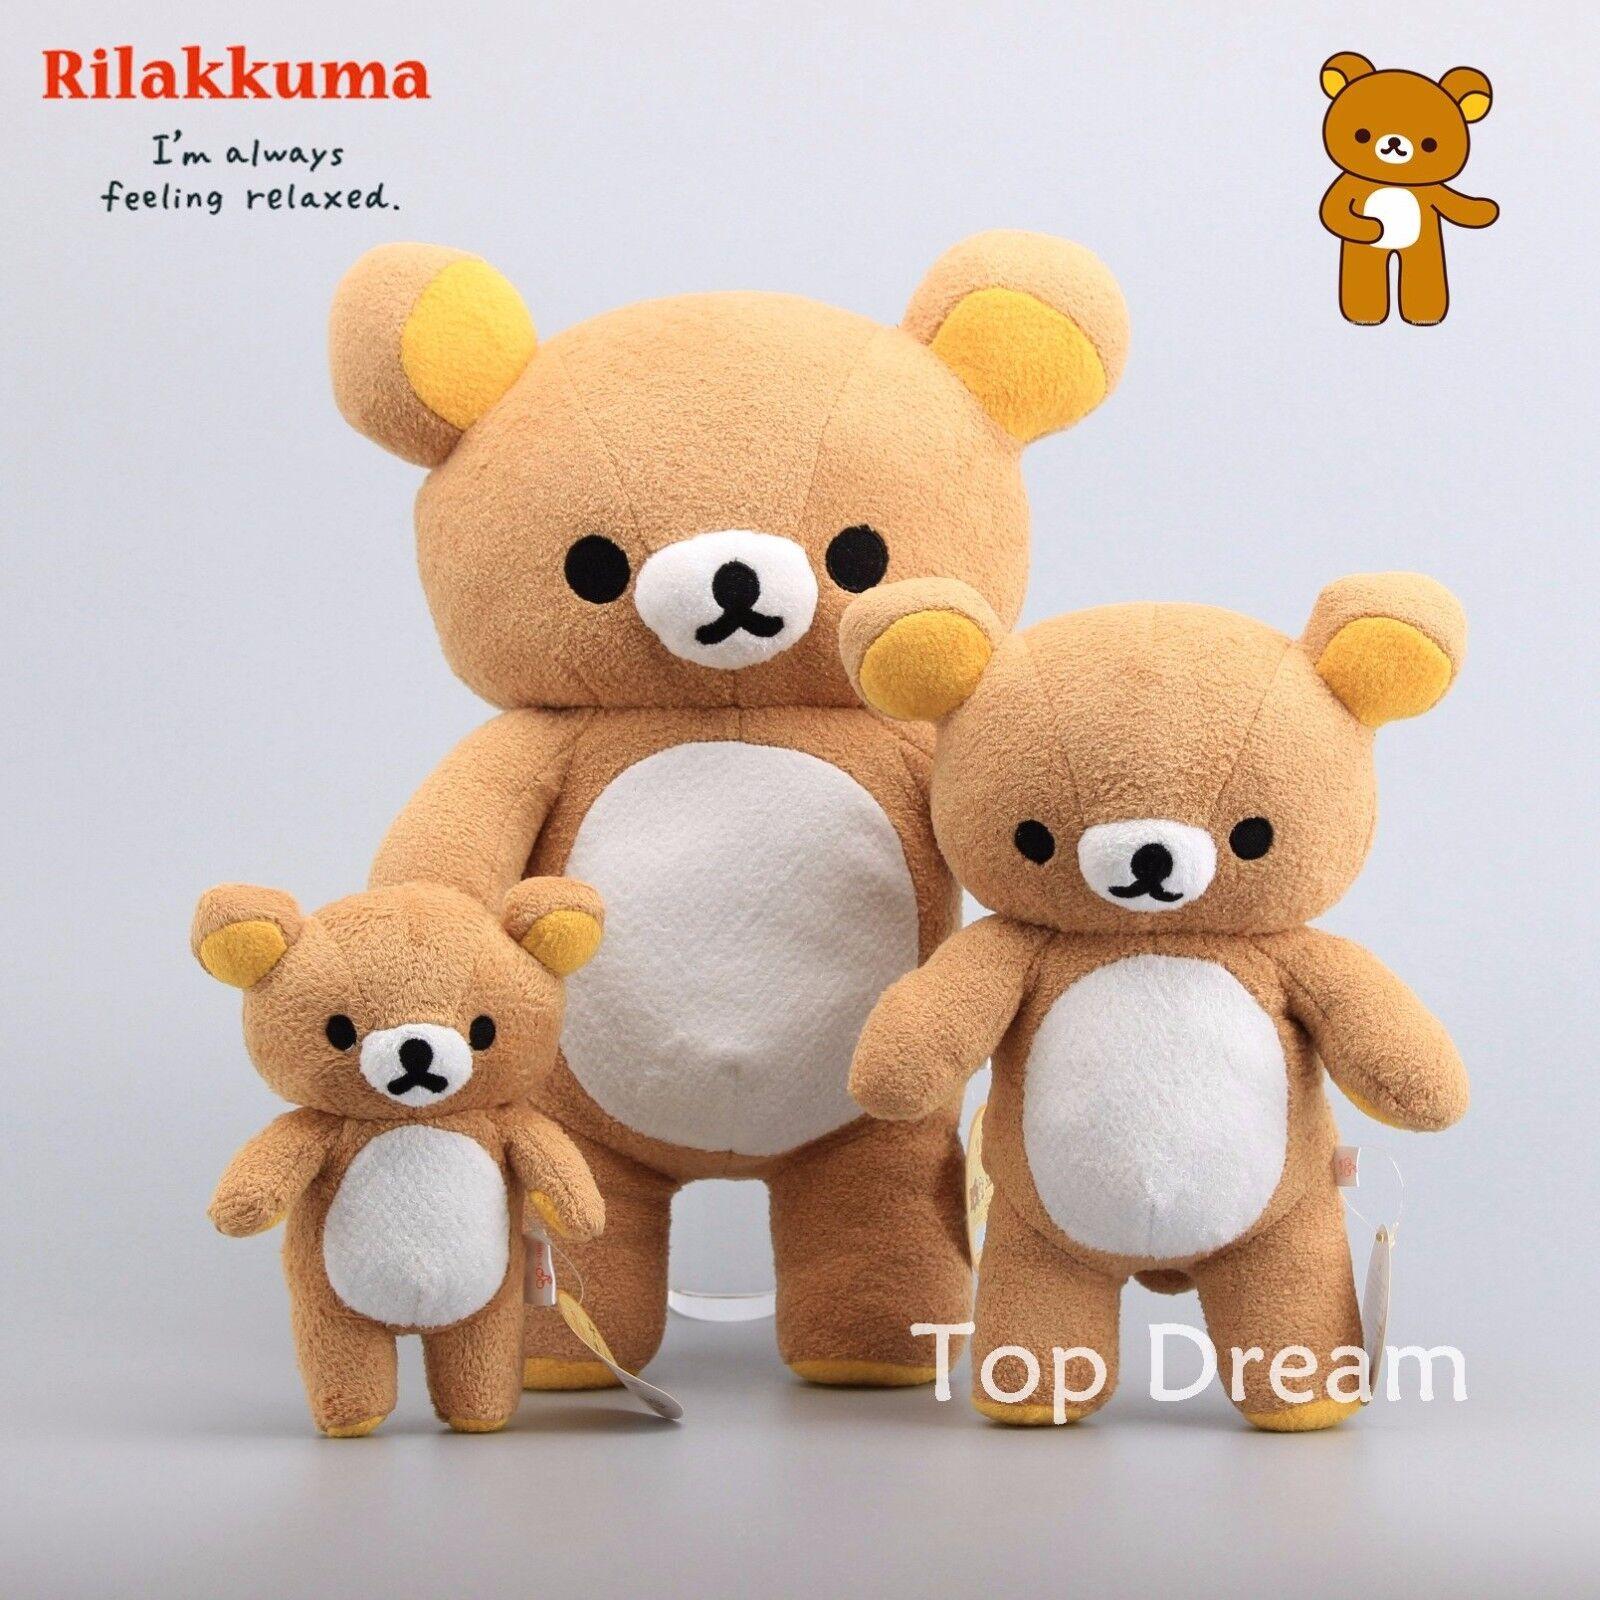 Kawaii Rilakkuma Relax Bear Plush leksak mjuk Stuffing djur Pillåg Doll Teddy